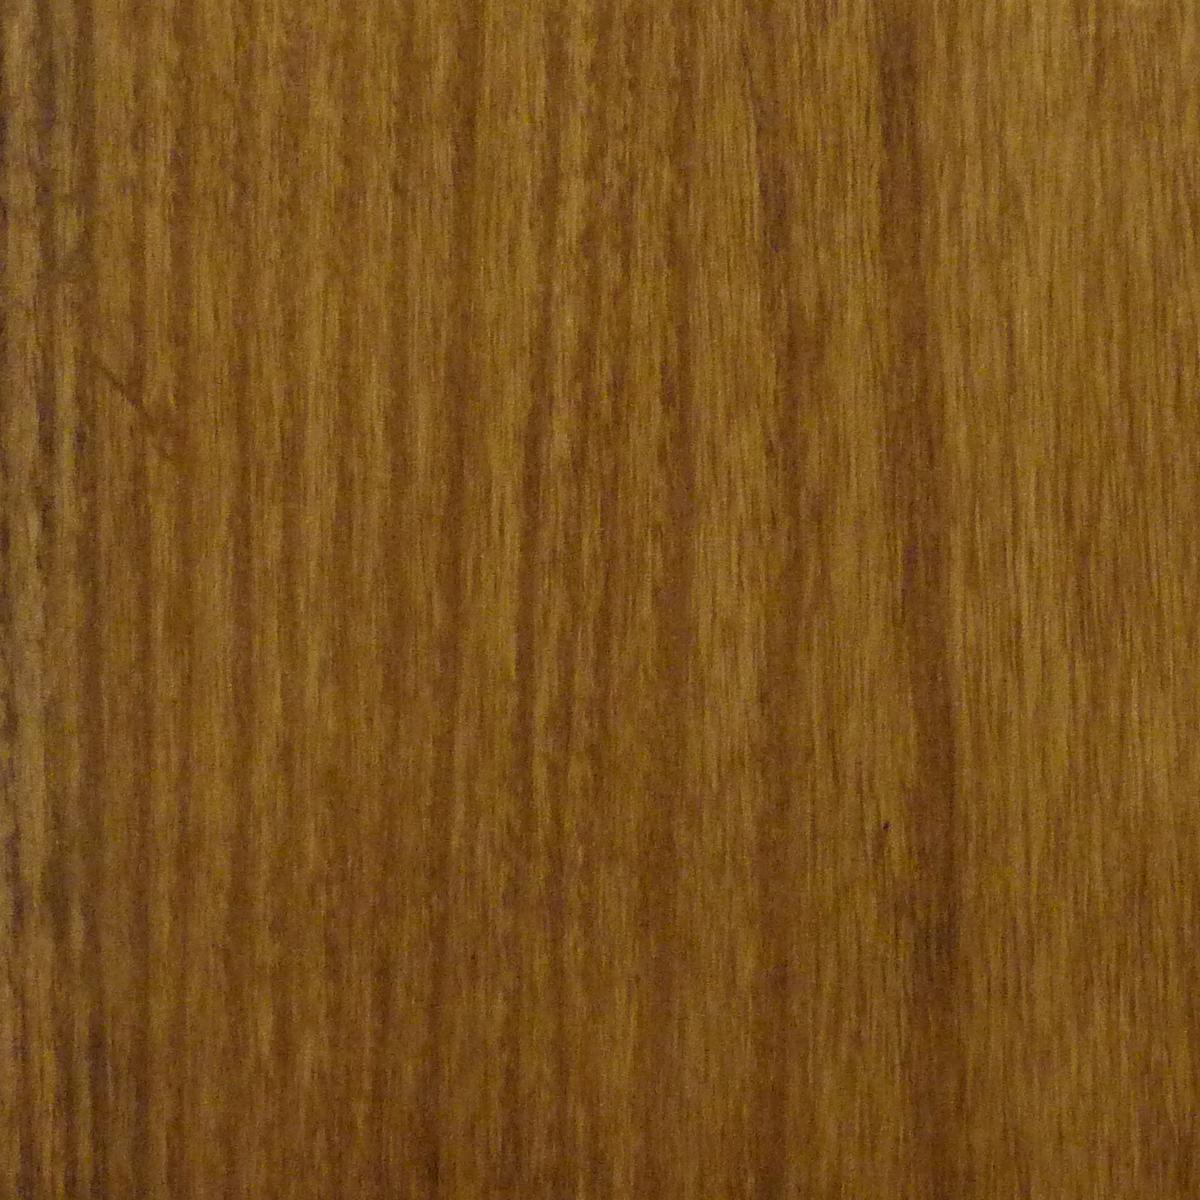 Mahogany, Brown